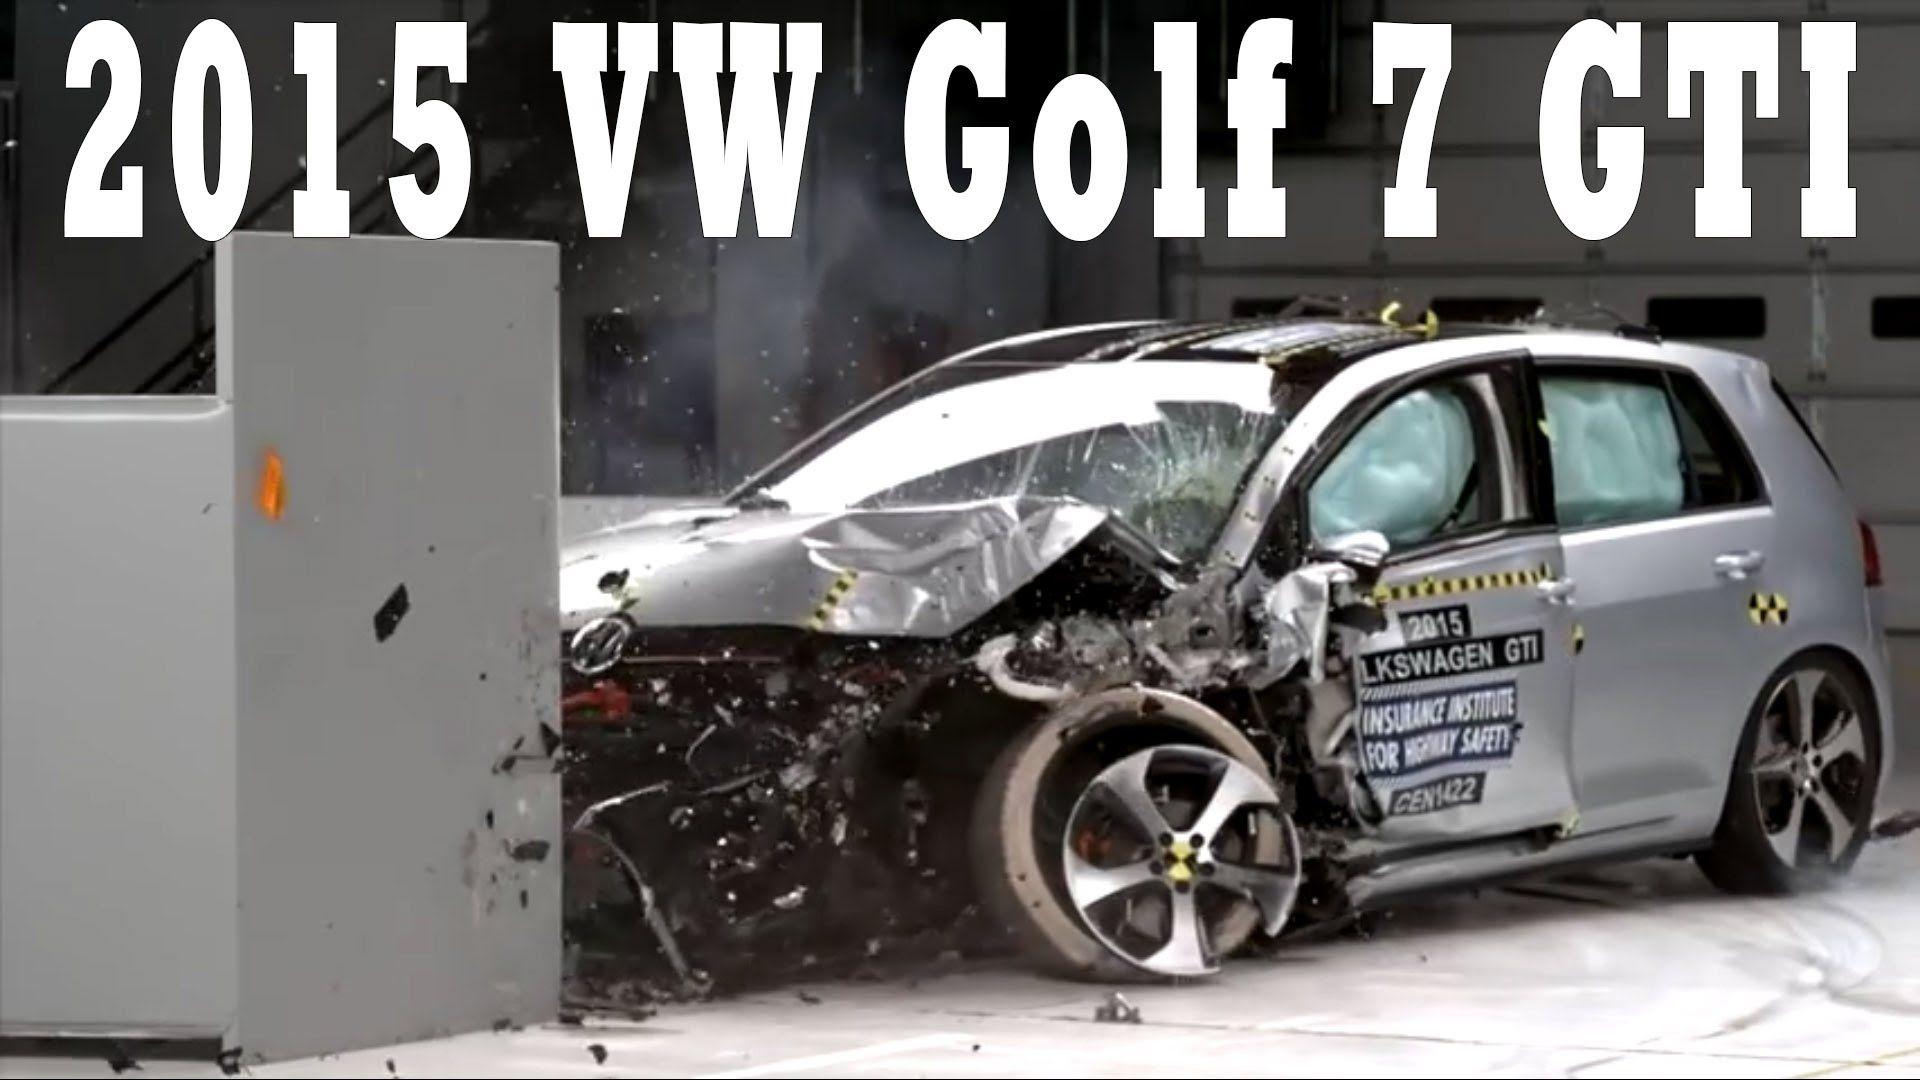 2015 Vw Golf 7 Gti Crash Test Vw Golf Gti Golf